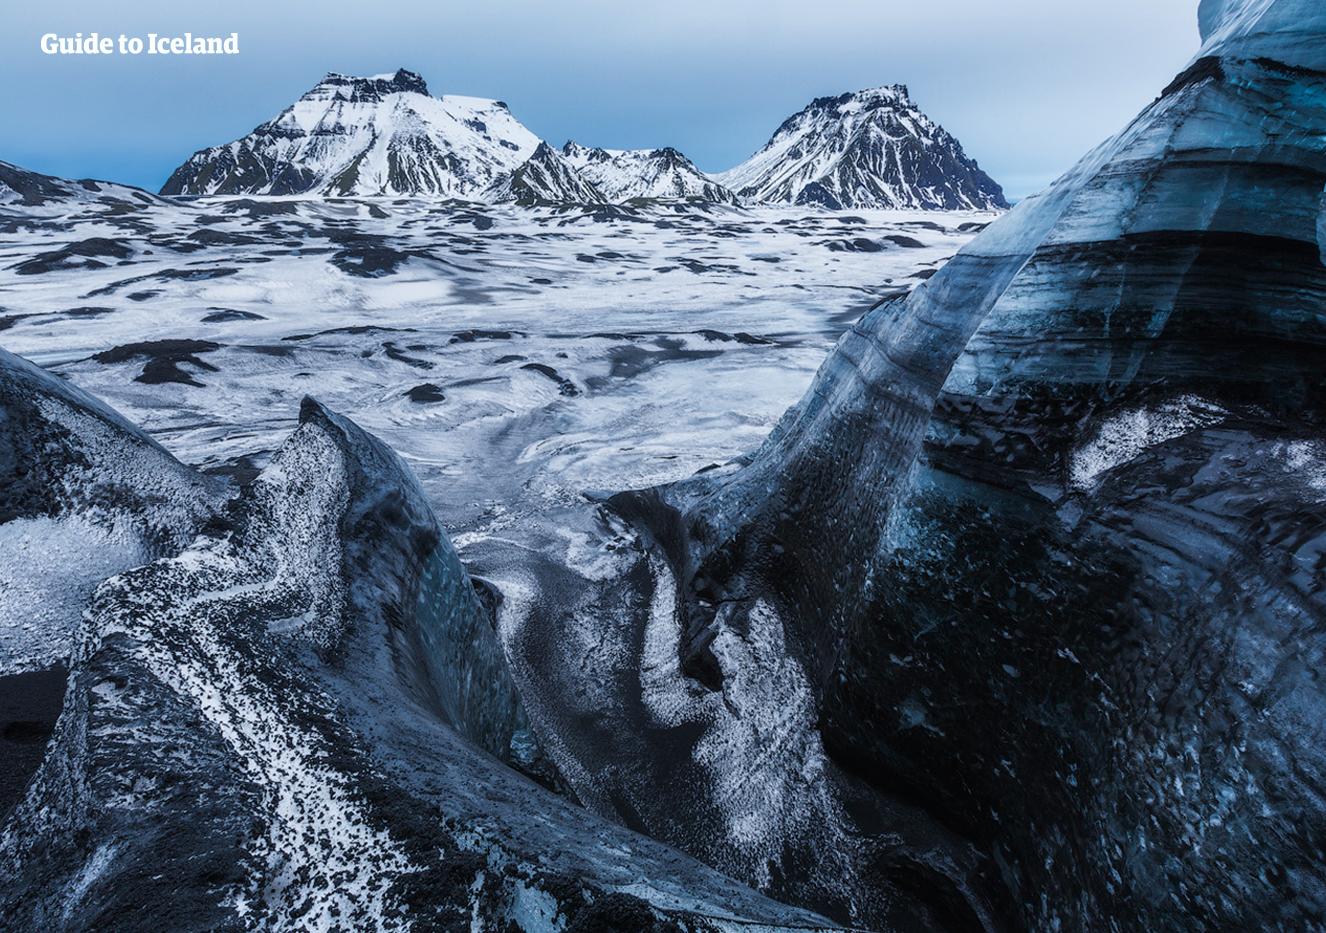 4-дневный зимний автотур   Золотое кольцо, ледники и черные песчаные пляжи - day 3